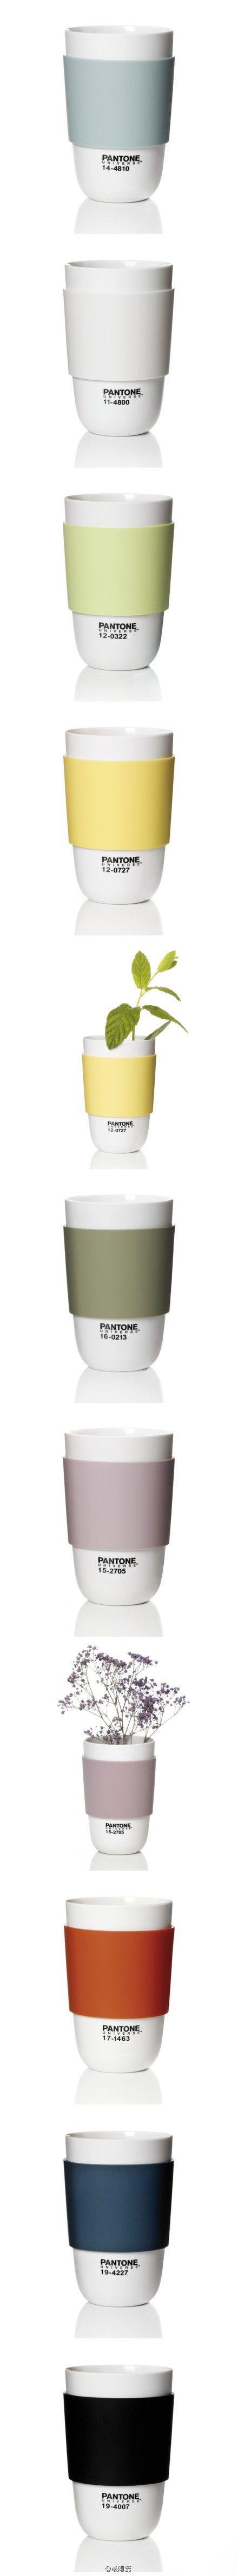 潘通色杯子  杯子是我们生活中最常用的,...